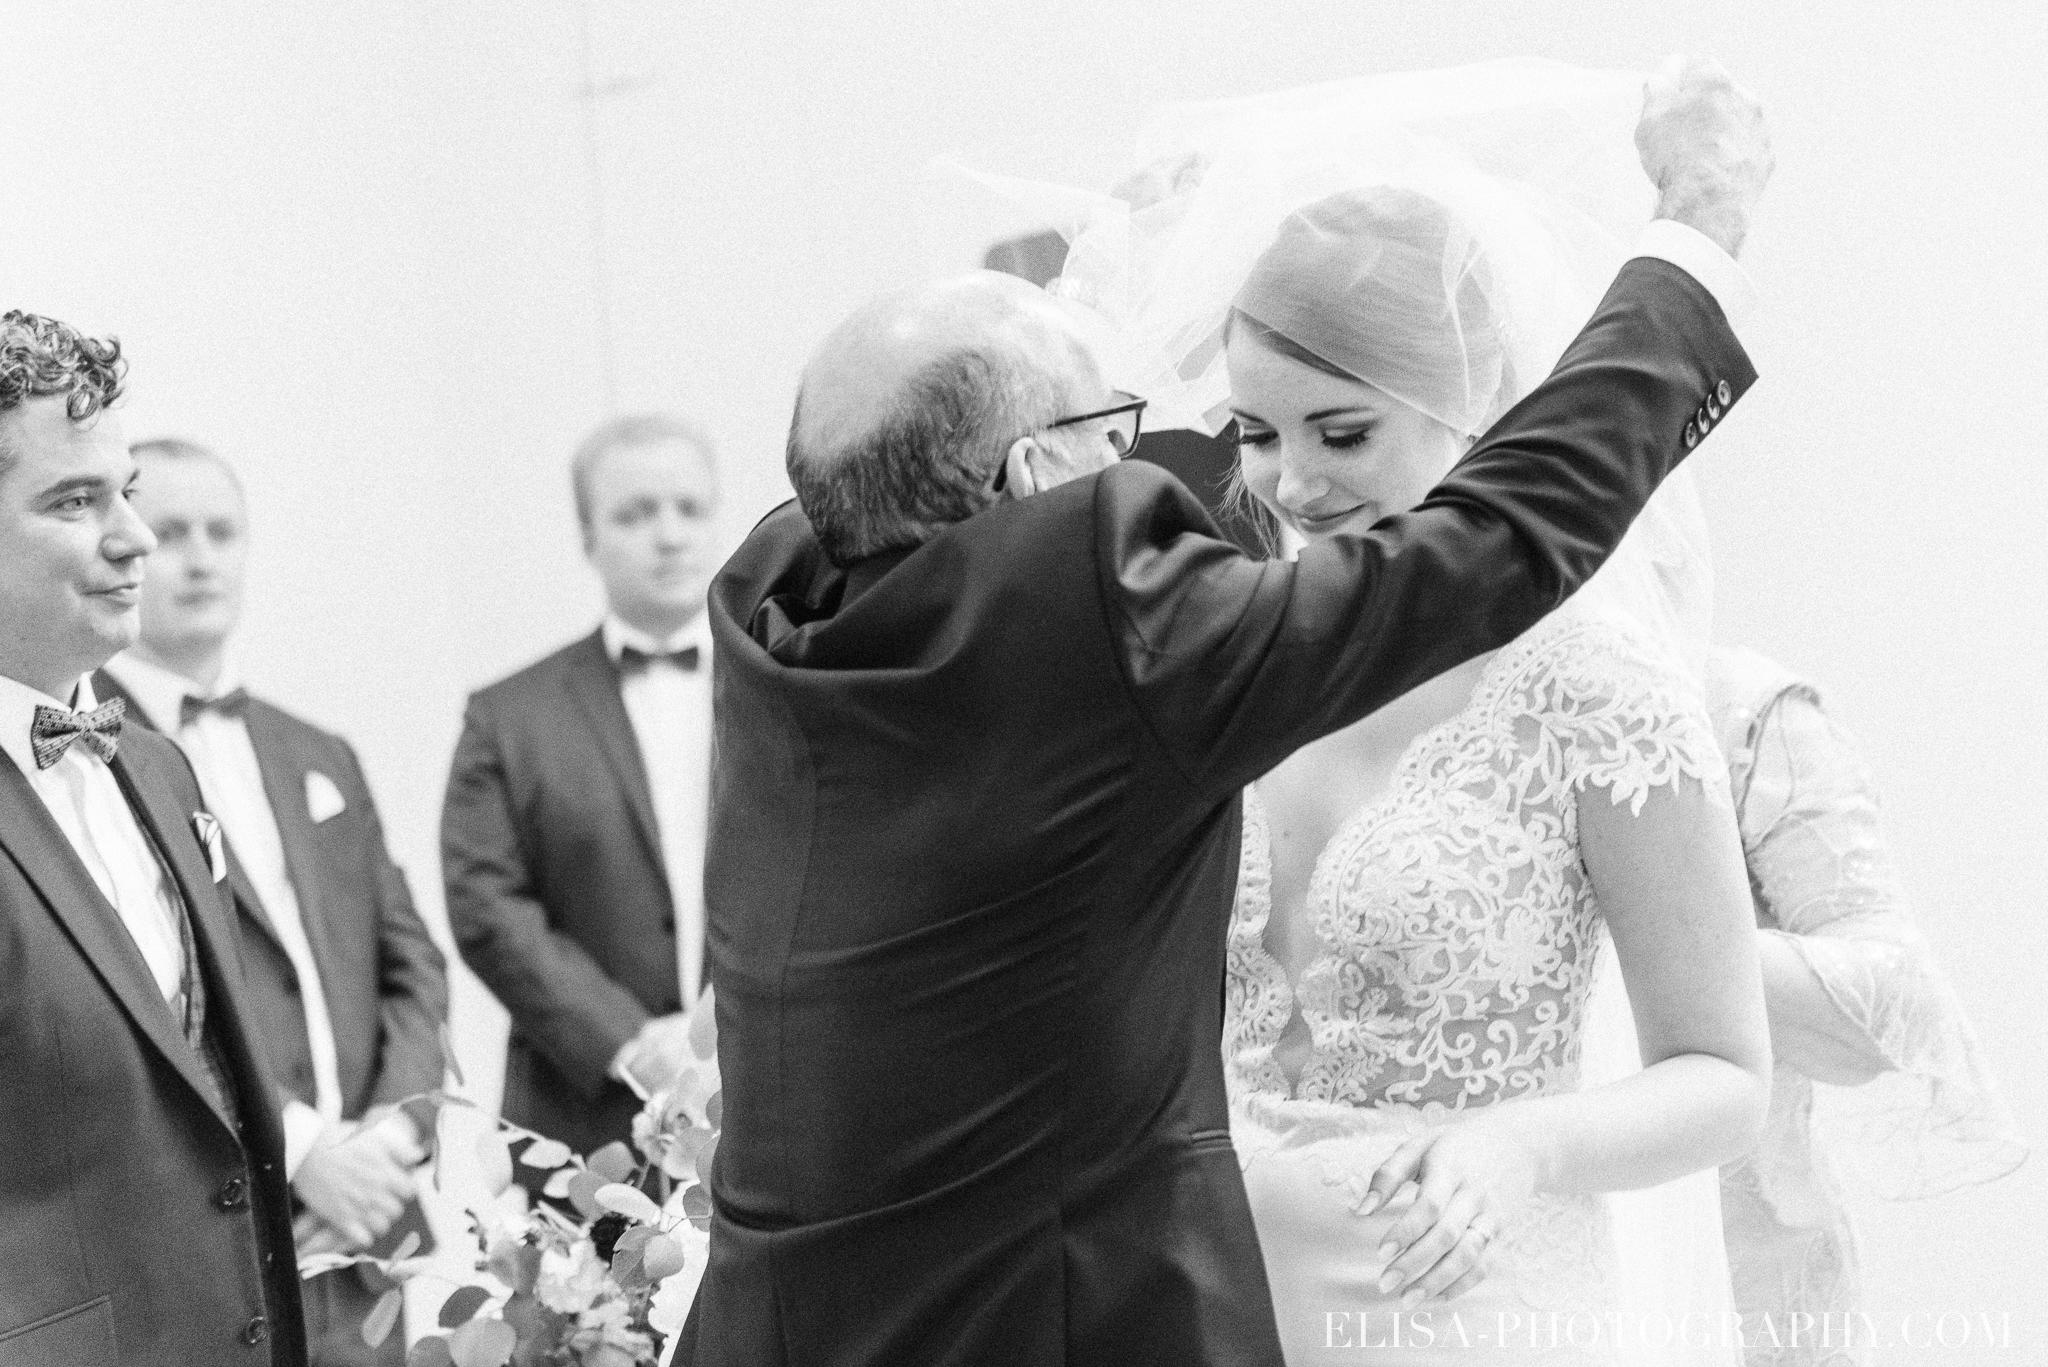 photo mariage ceremonie lifestyle domaine cataraqui pluie atelier peintre 2 - Mariage élégant et discret au coeur du magnifique Domaine Cataraqui, Québec